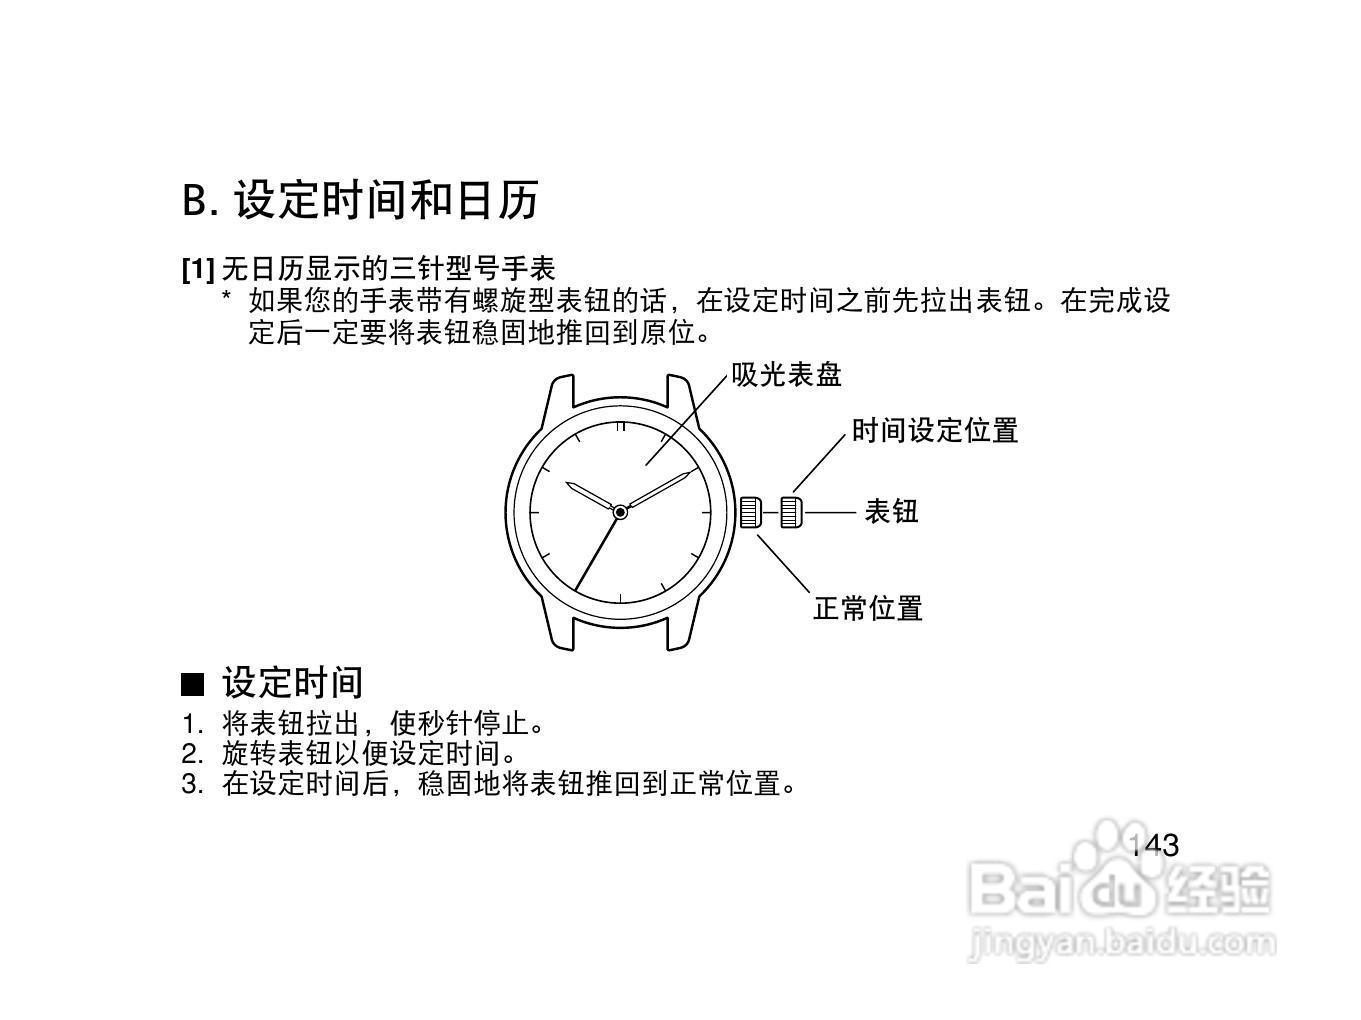 西铁城bm6471-52a光动能男士手表说明书图片